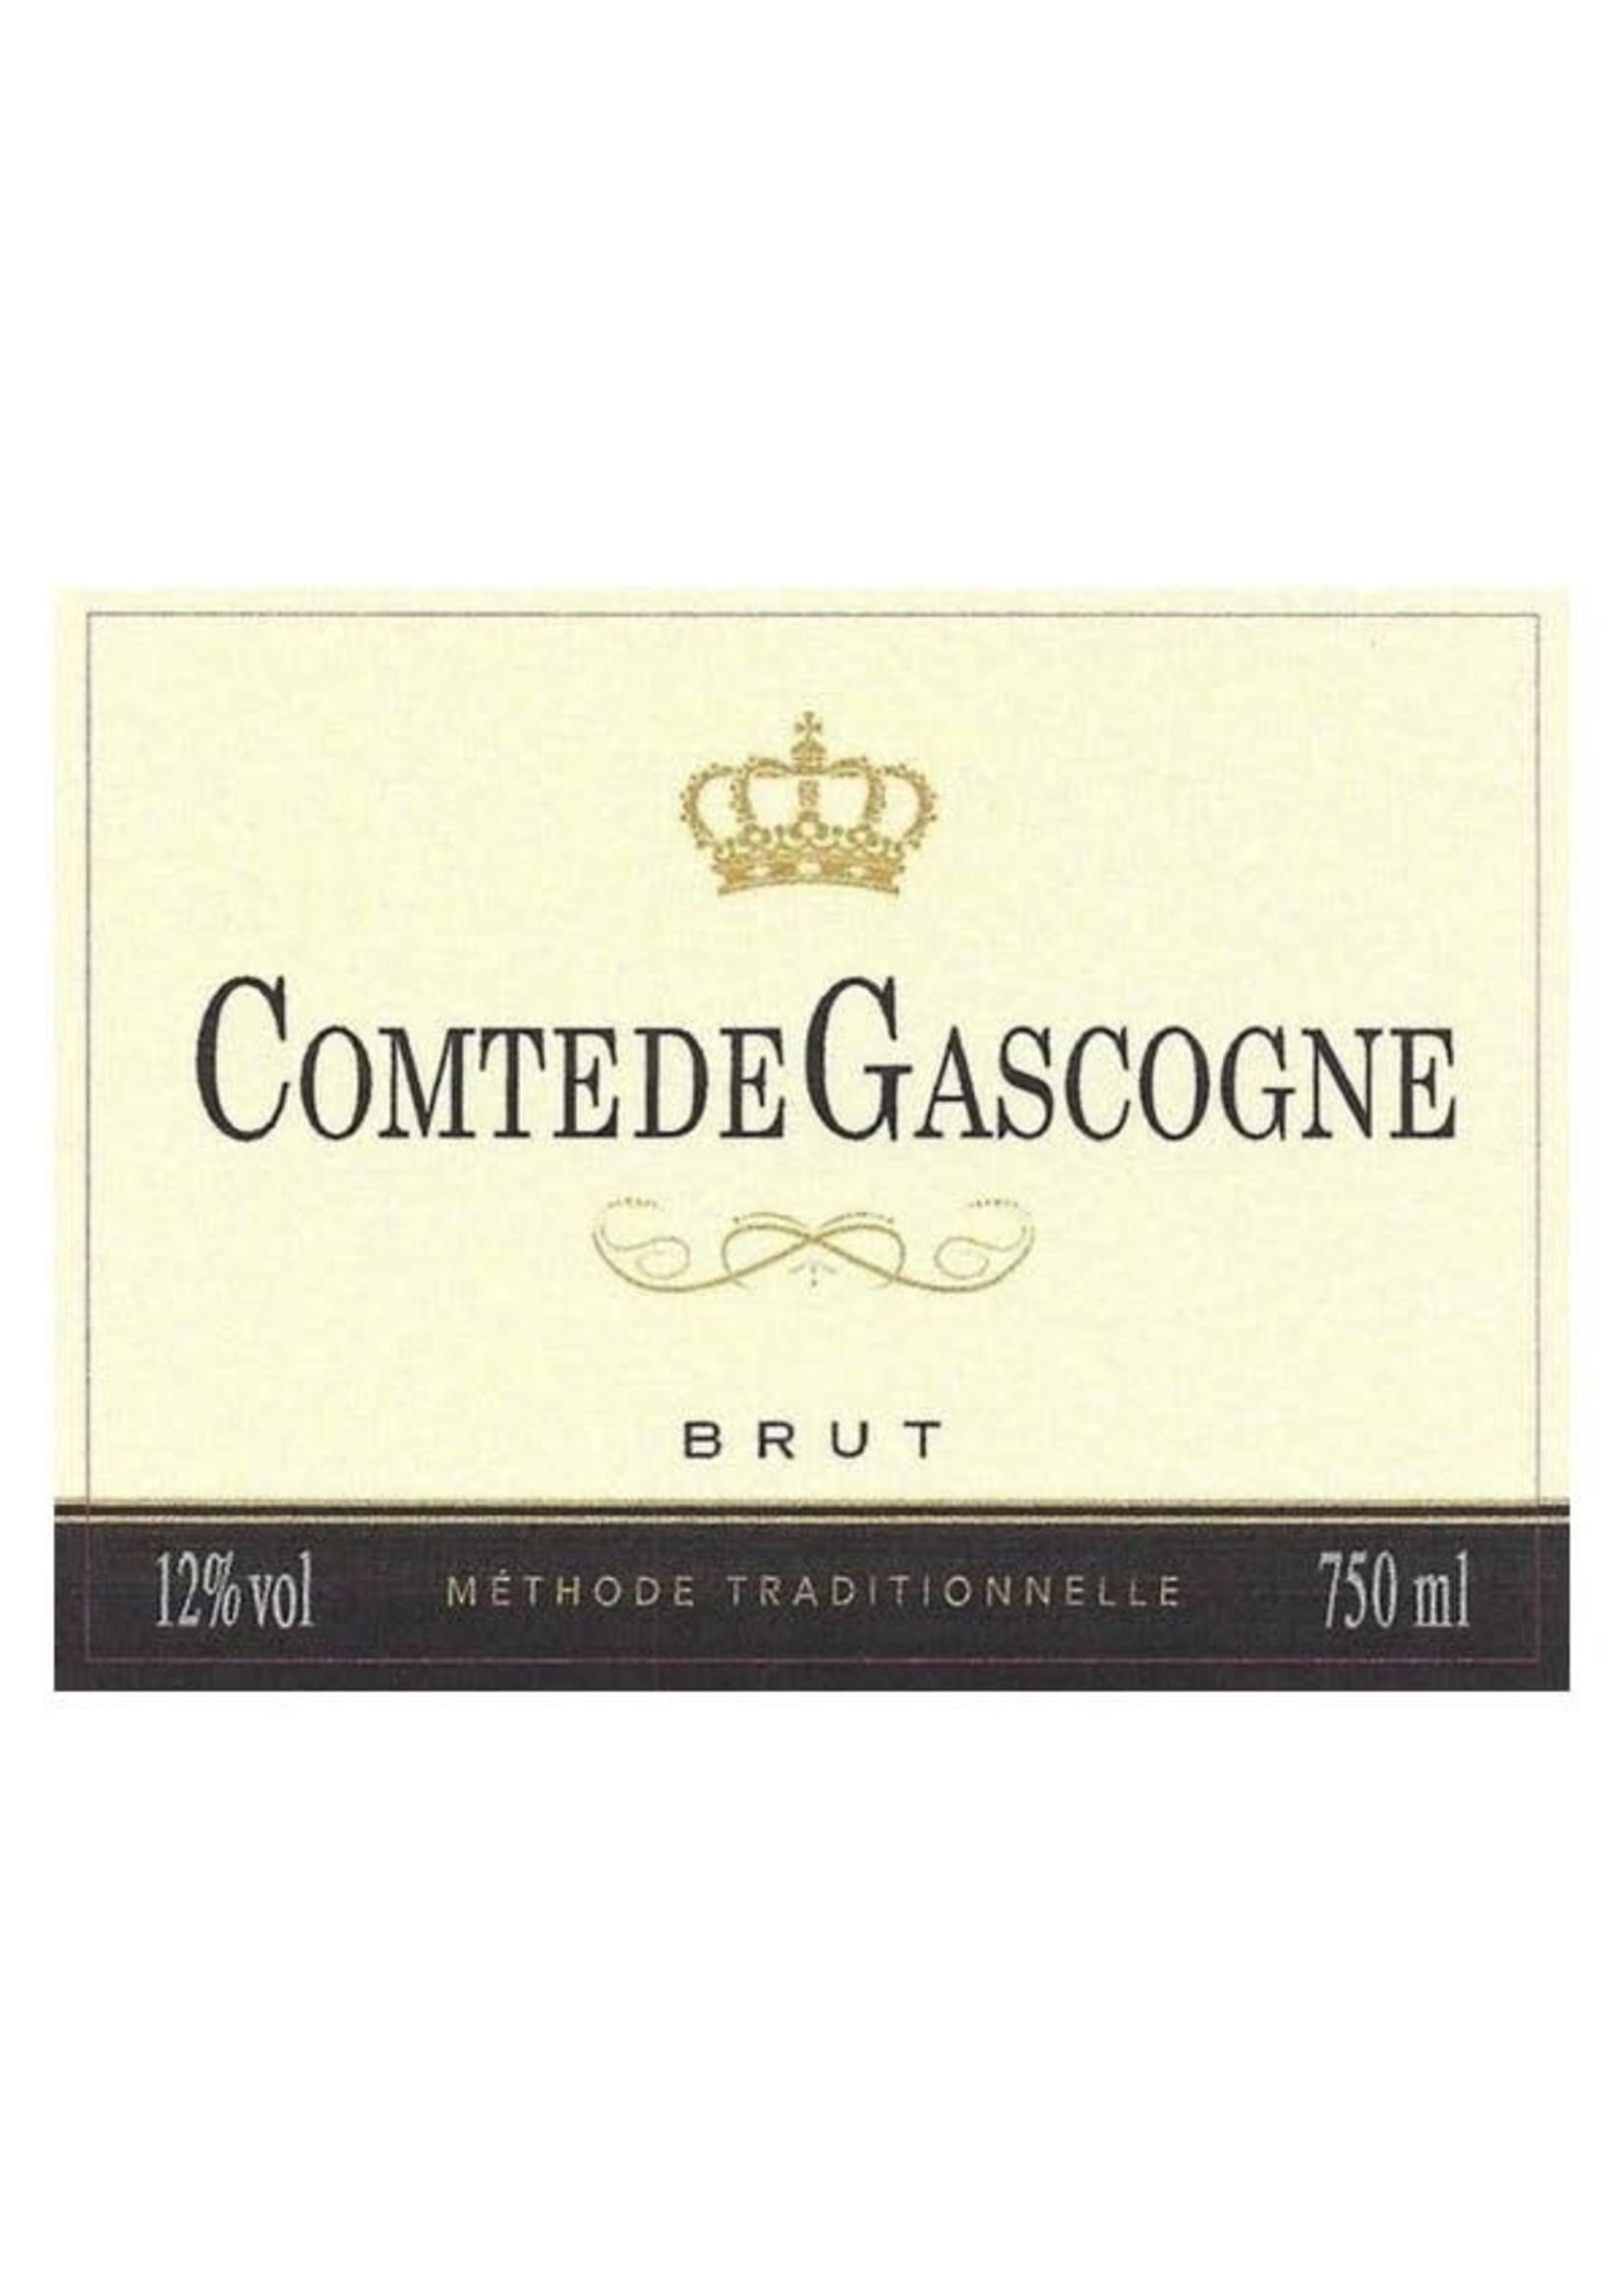 Comte de Gascogne Comte de Gascogne / Brut / 750mL